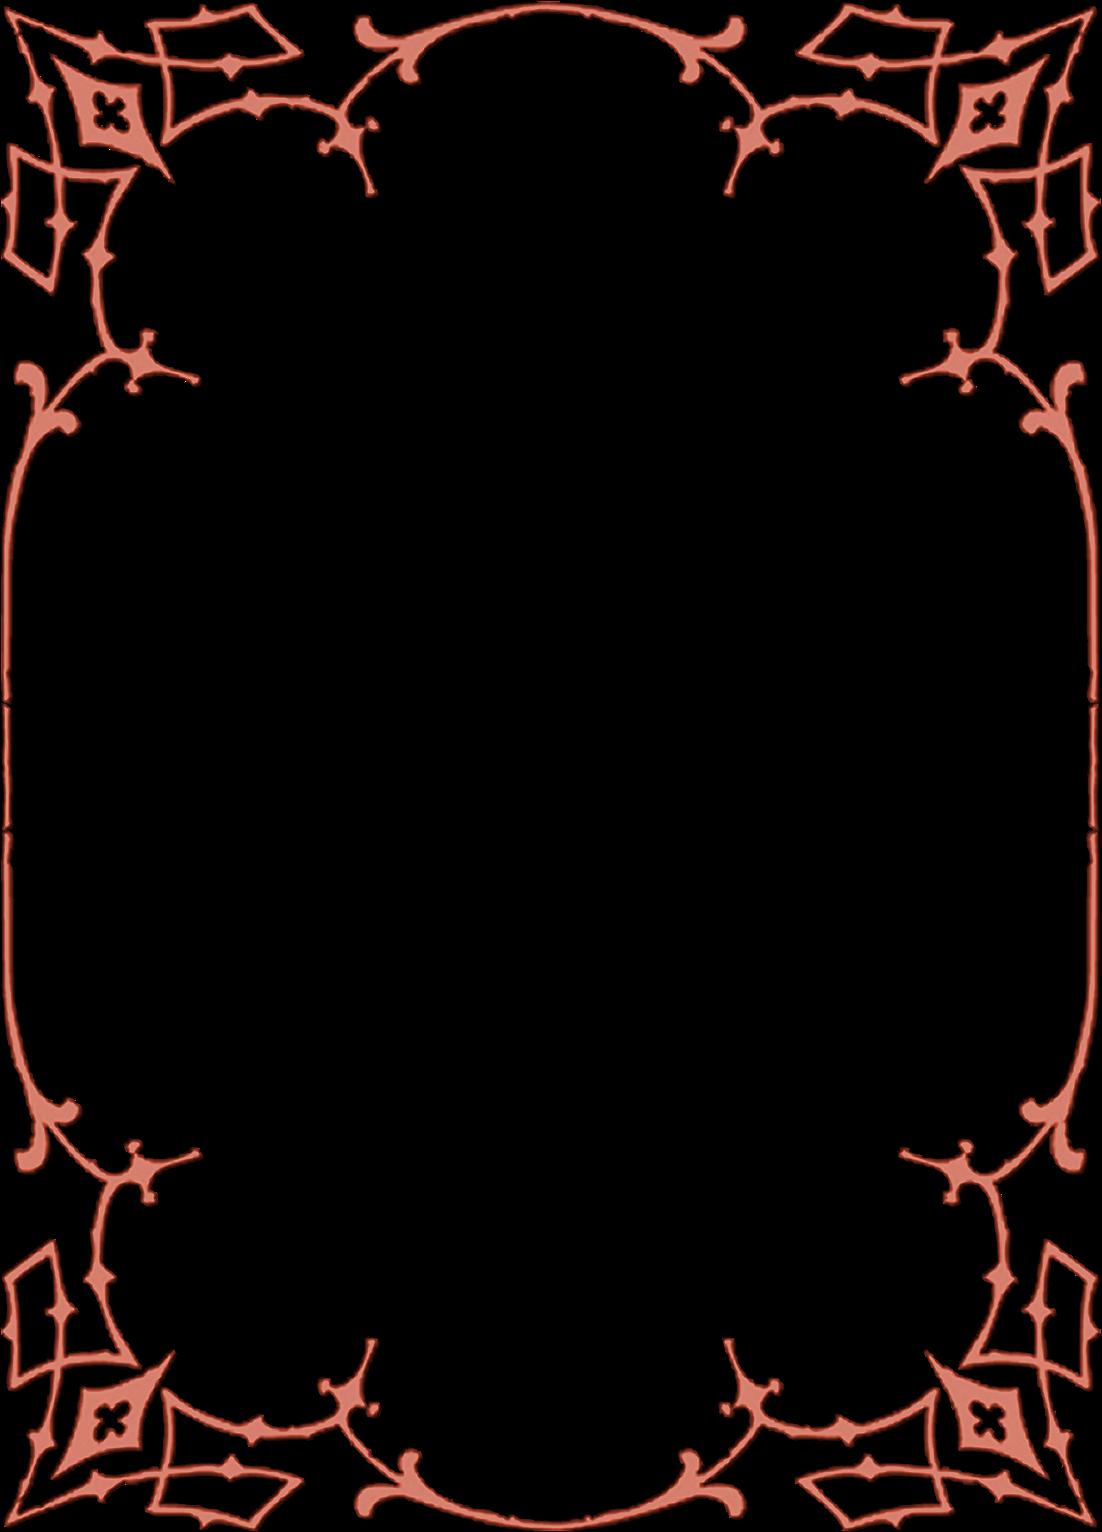 Filigree clipart filigree frame. Images of border png